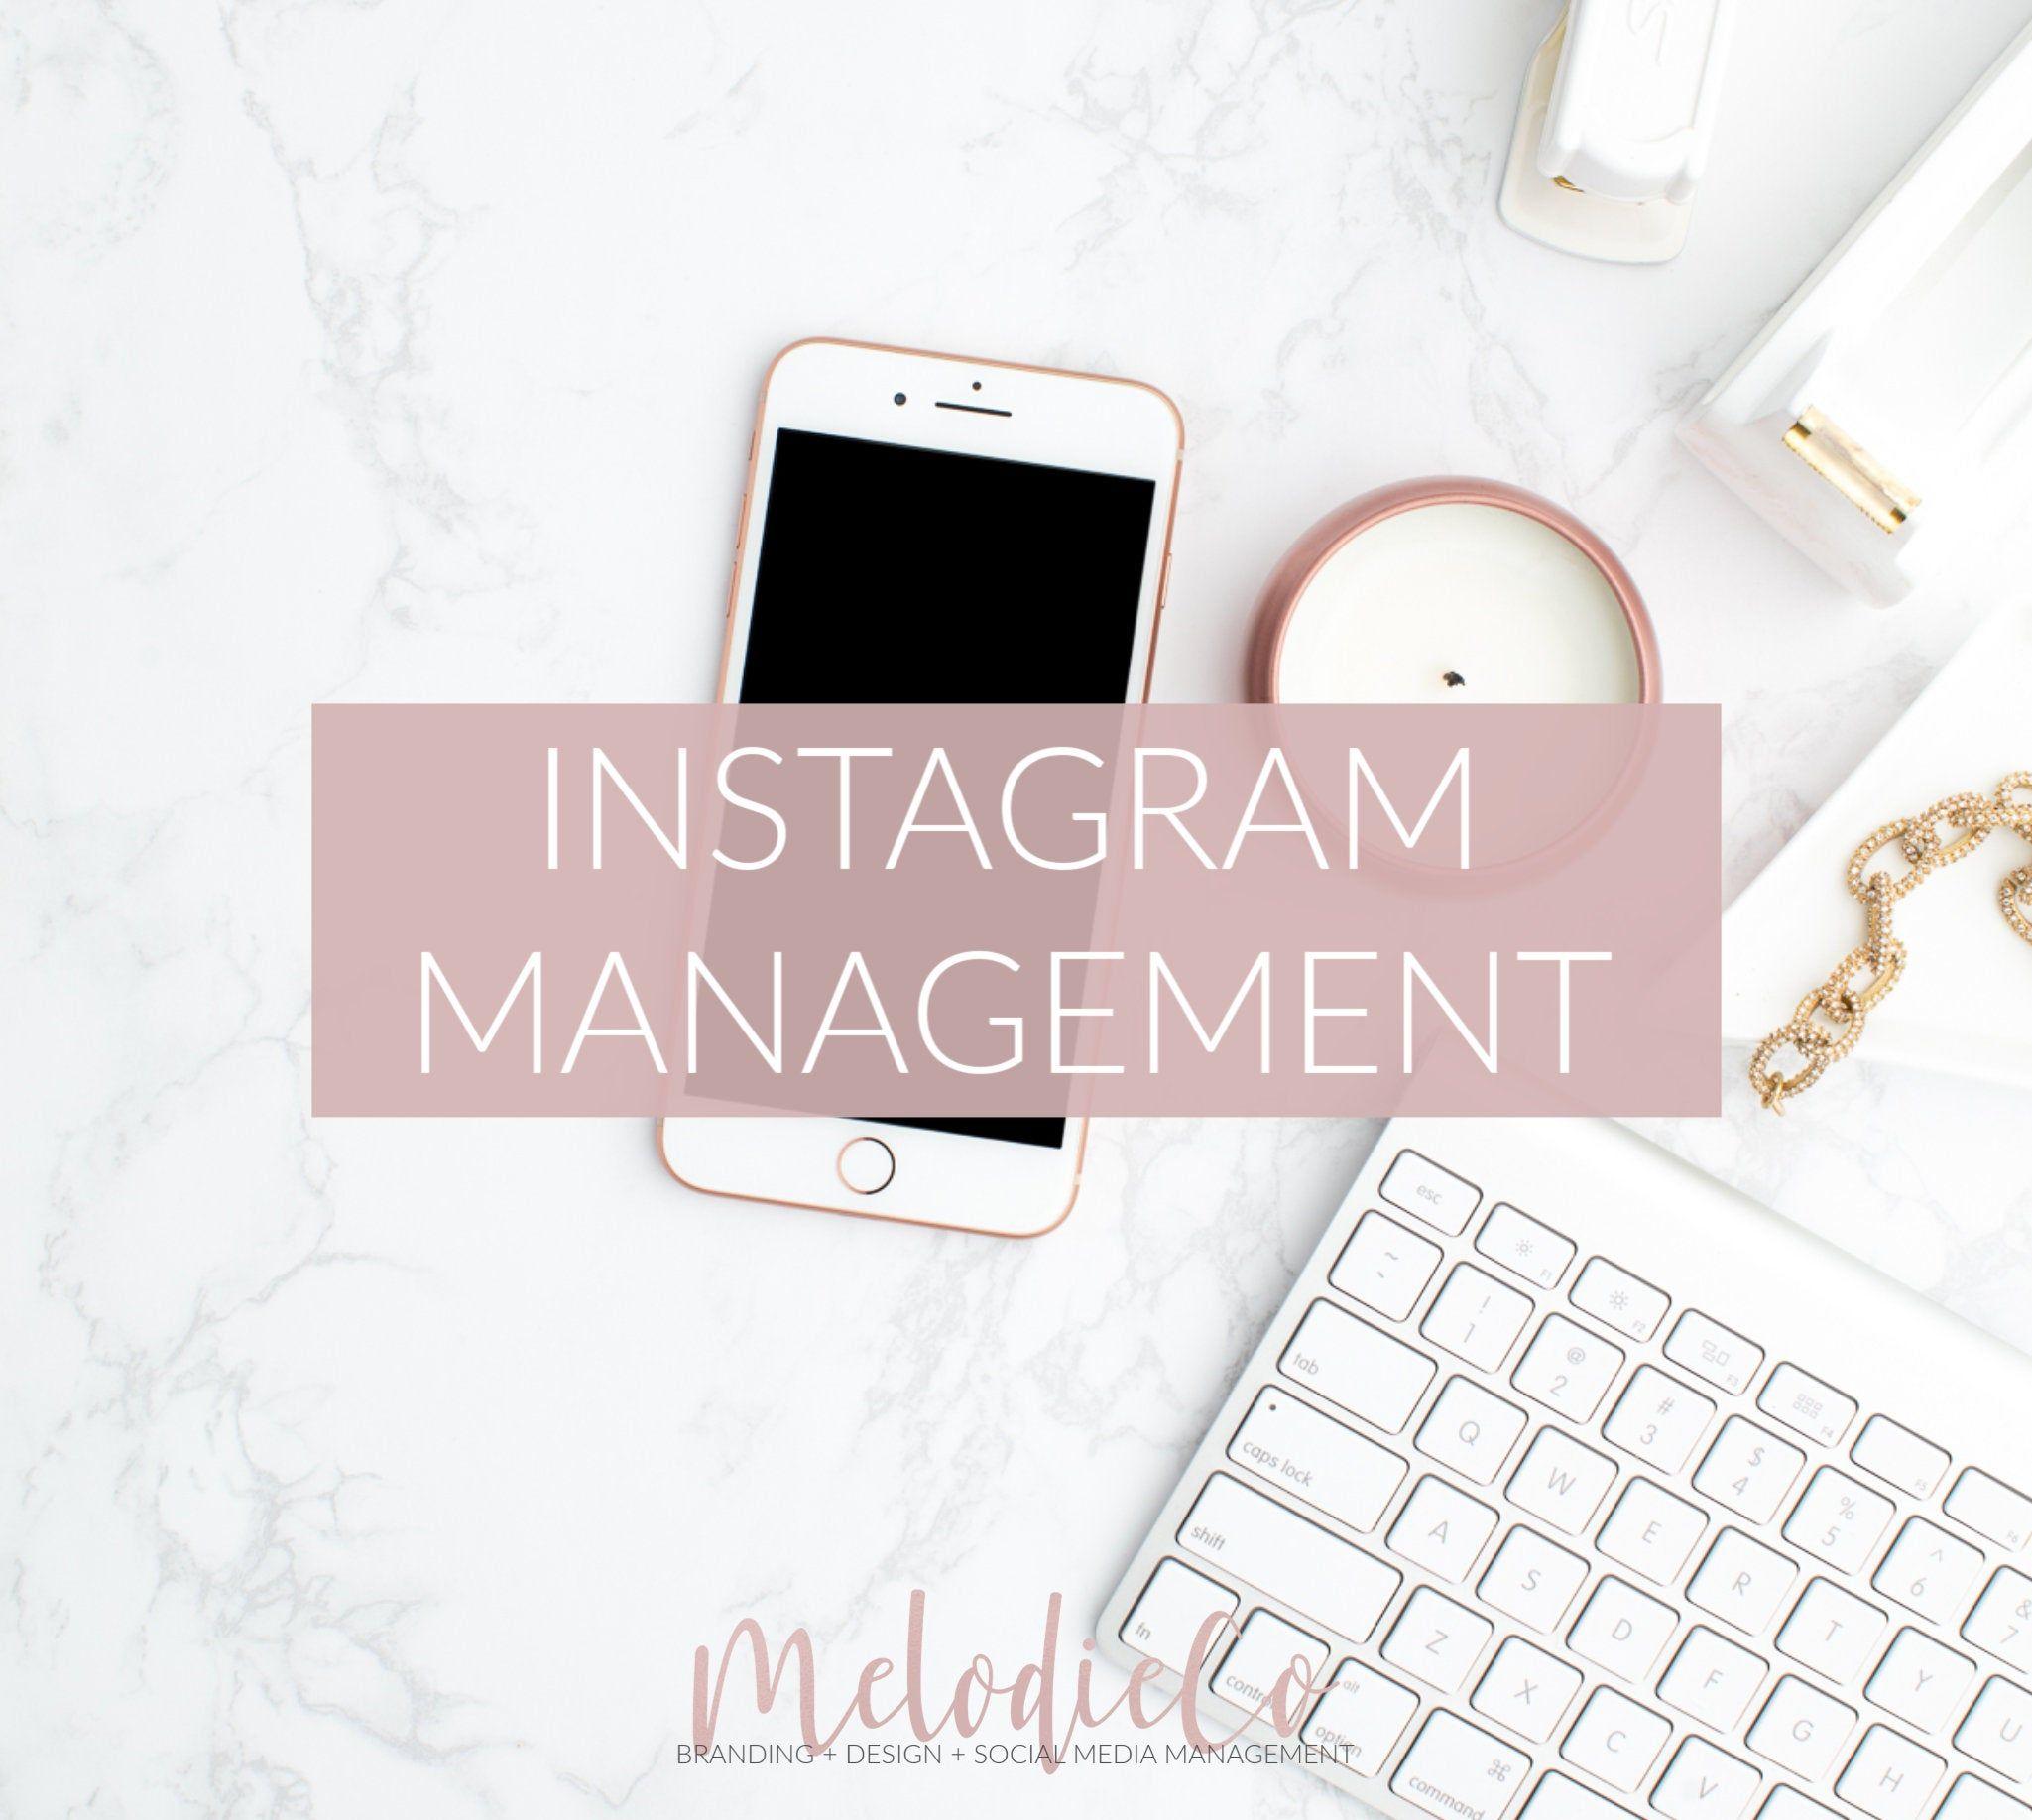 Photo of Contrato de un mes Instagram Media Management, Social Media Management, ayuda de Instagram, asistente virtual, ayuda de redes sociales, Melodieco